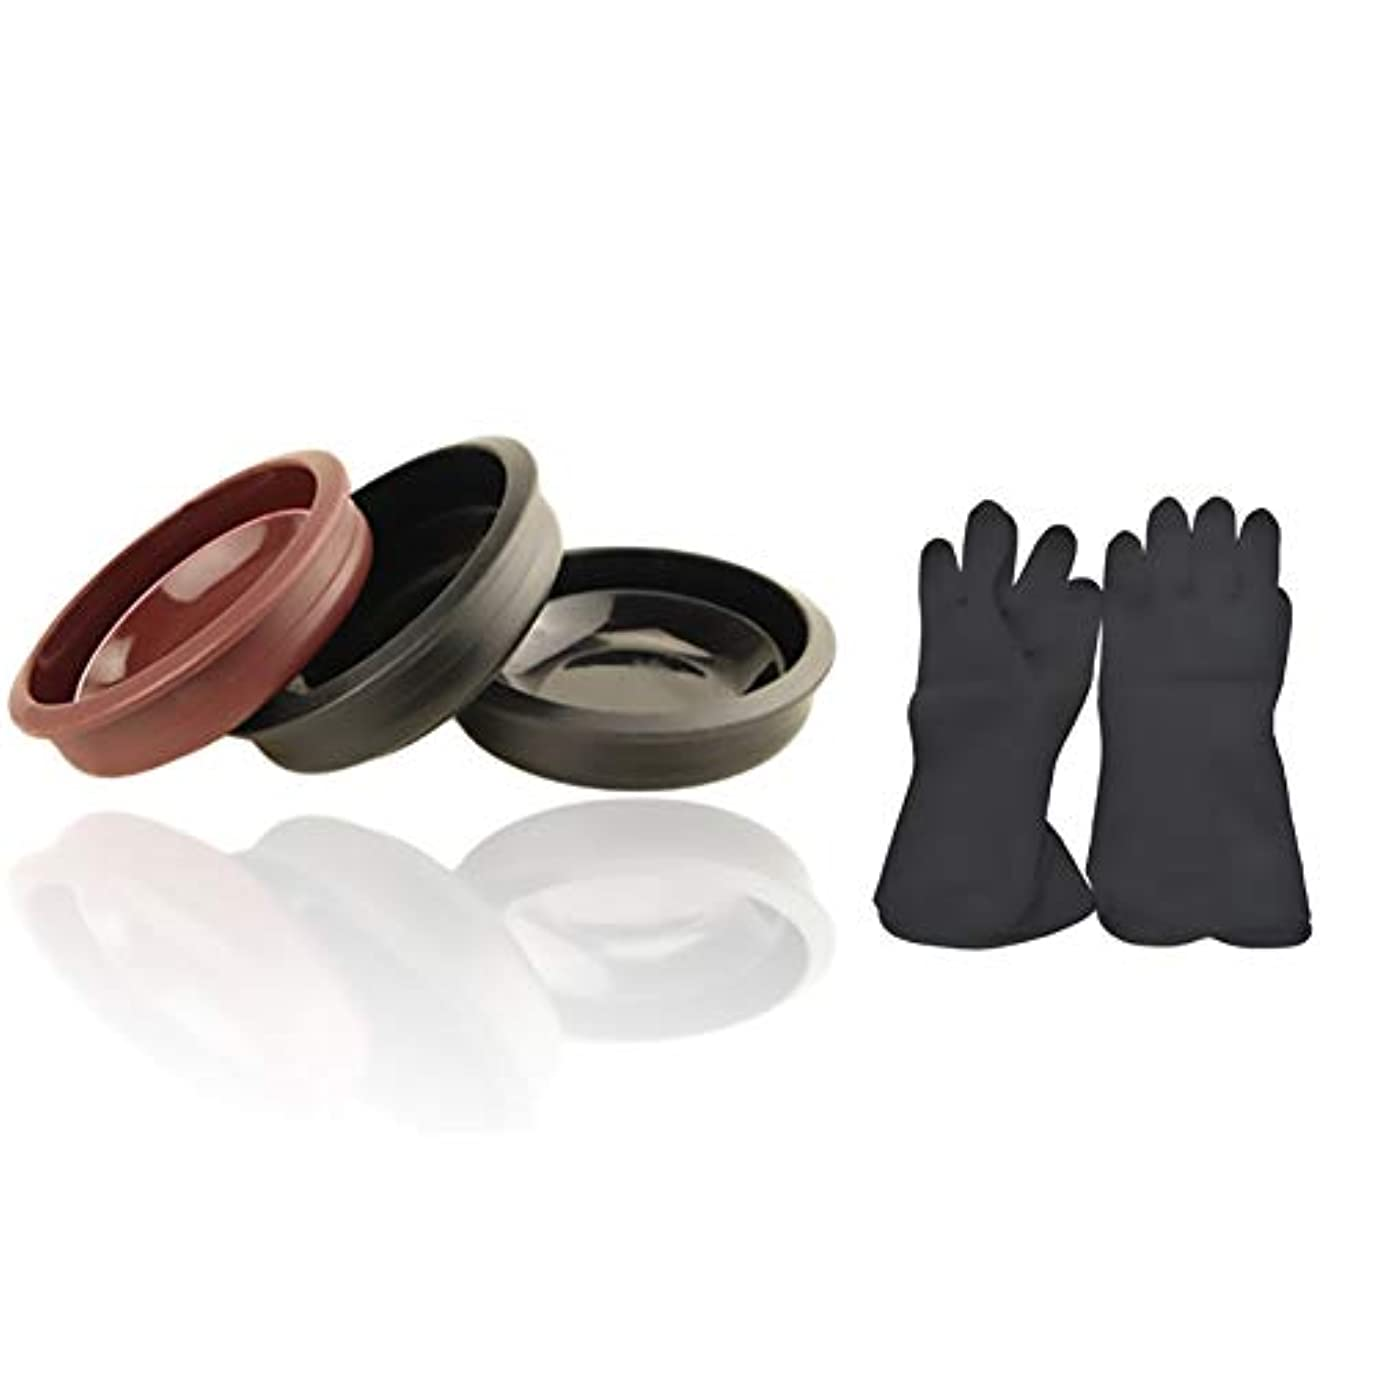 地中海ブランデー首Tofover 3ピースヘアカラーミキシングボウルと20カウントヘアダイ手袋、黒の再利用可能なゴム手袋、ヘアサロンヘア染色のためのプロのヘアカラーツールキット